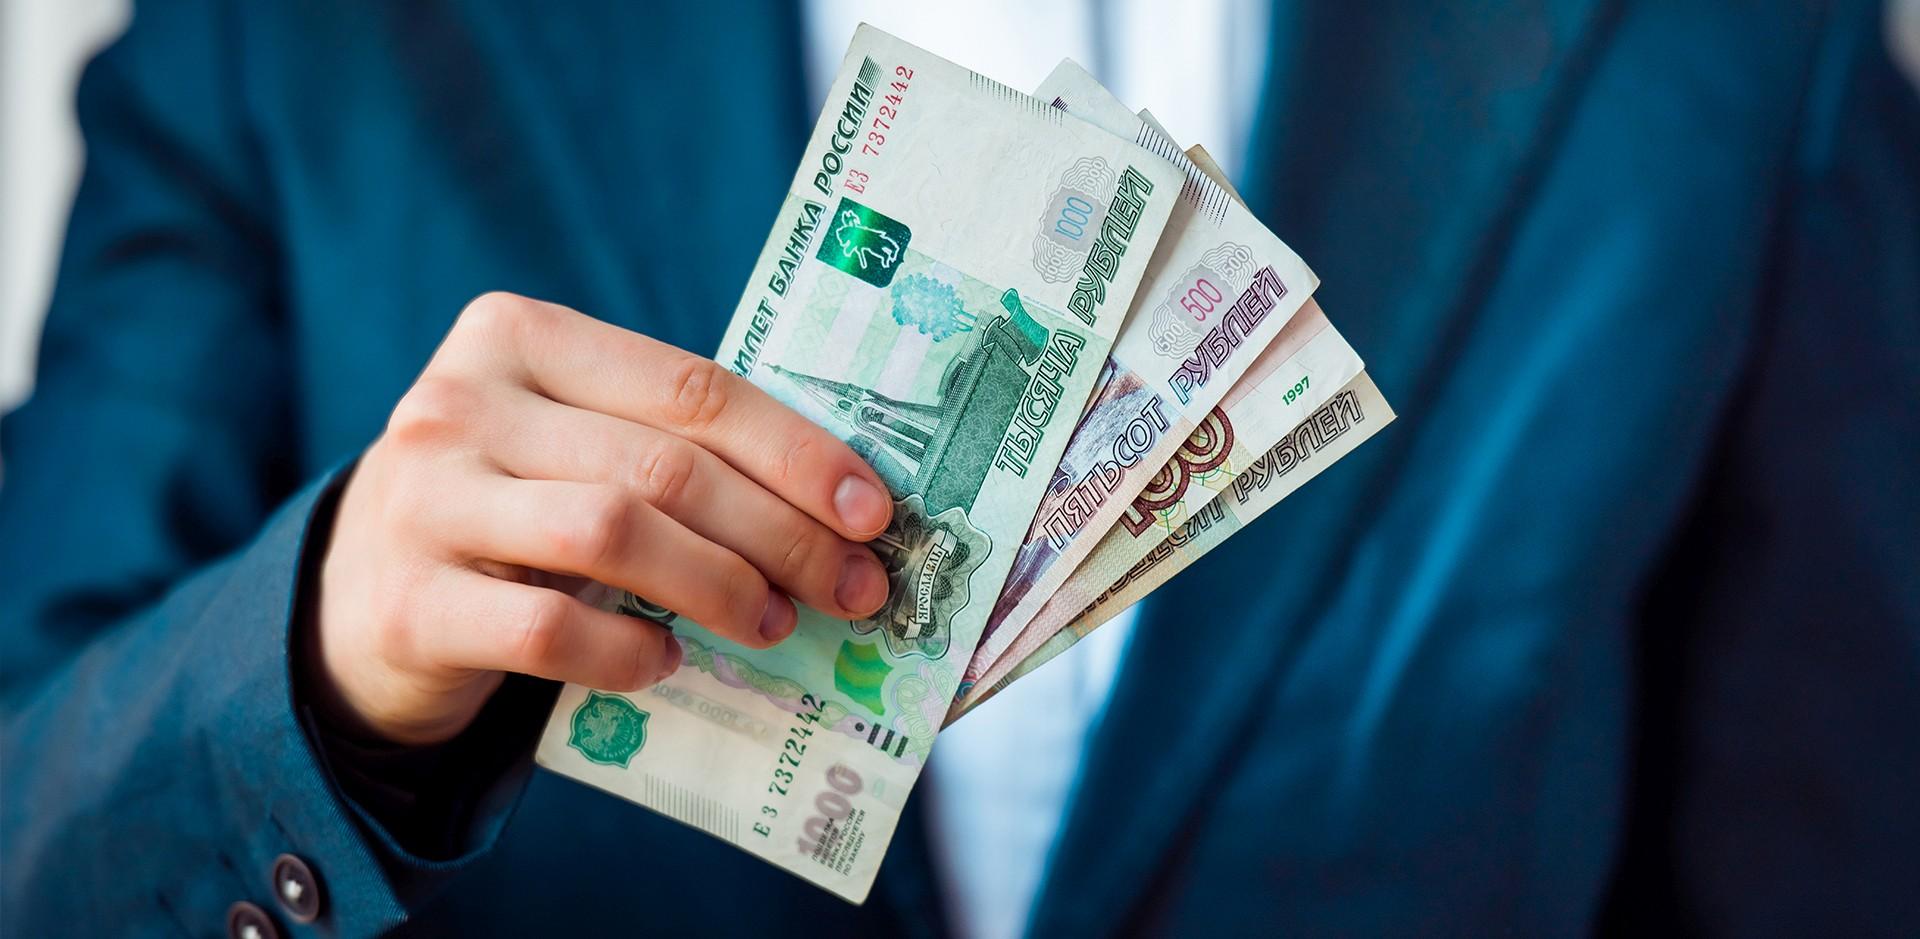 Как узнать лимит кредитной карты?